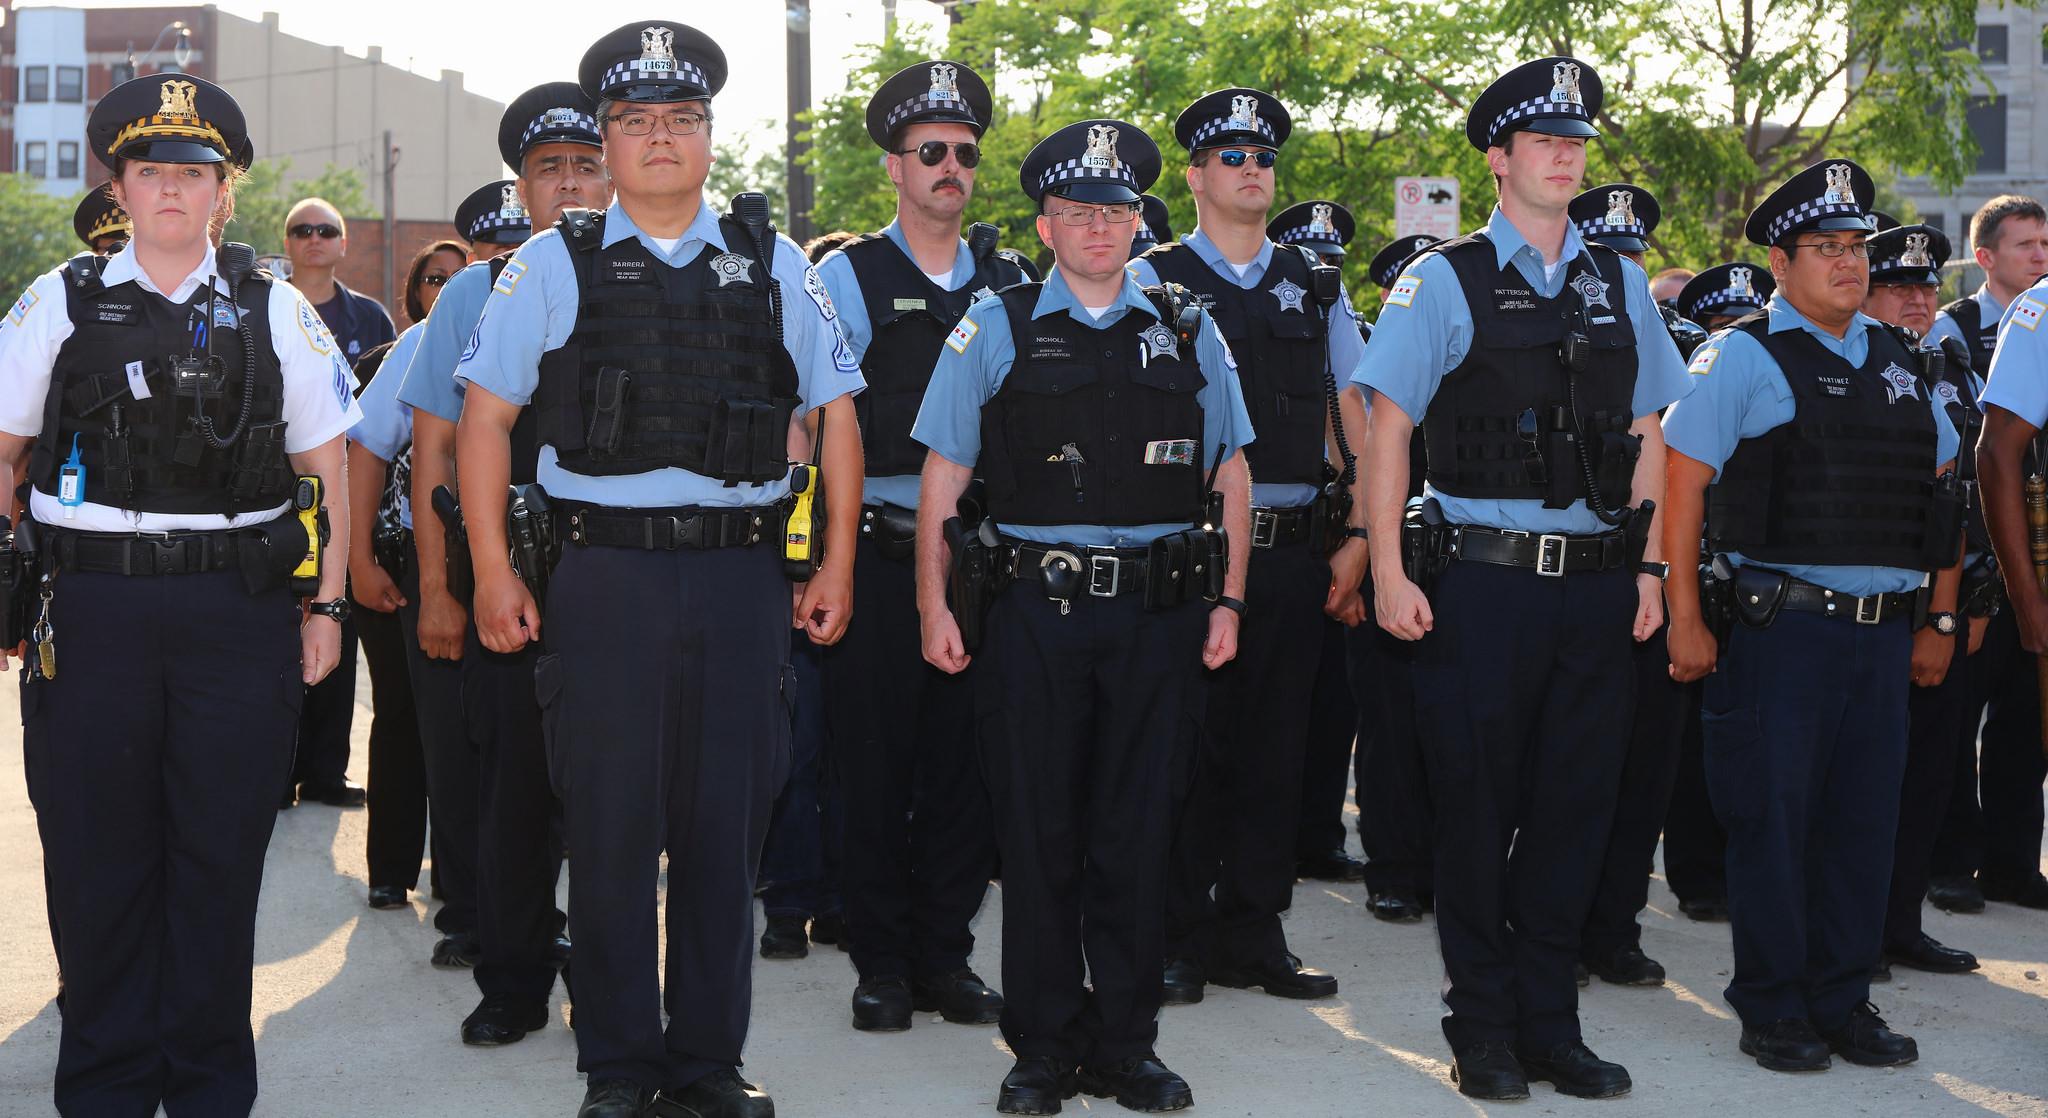 Chicago wydało ponad 200 milionów dolarów na adwokatów dla policjantów